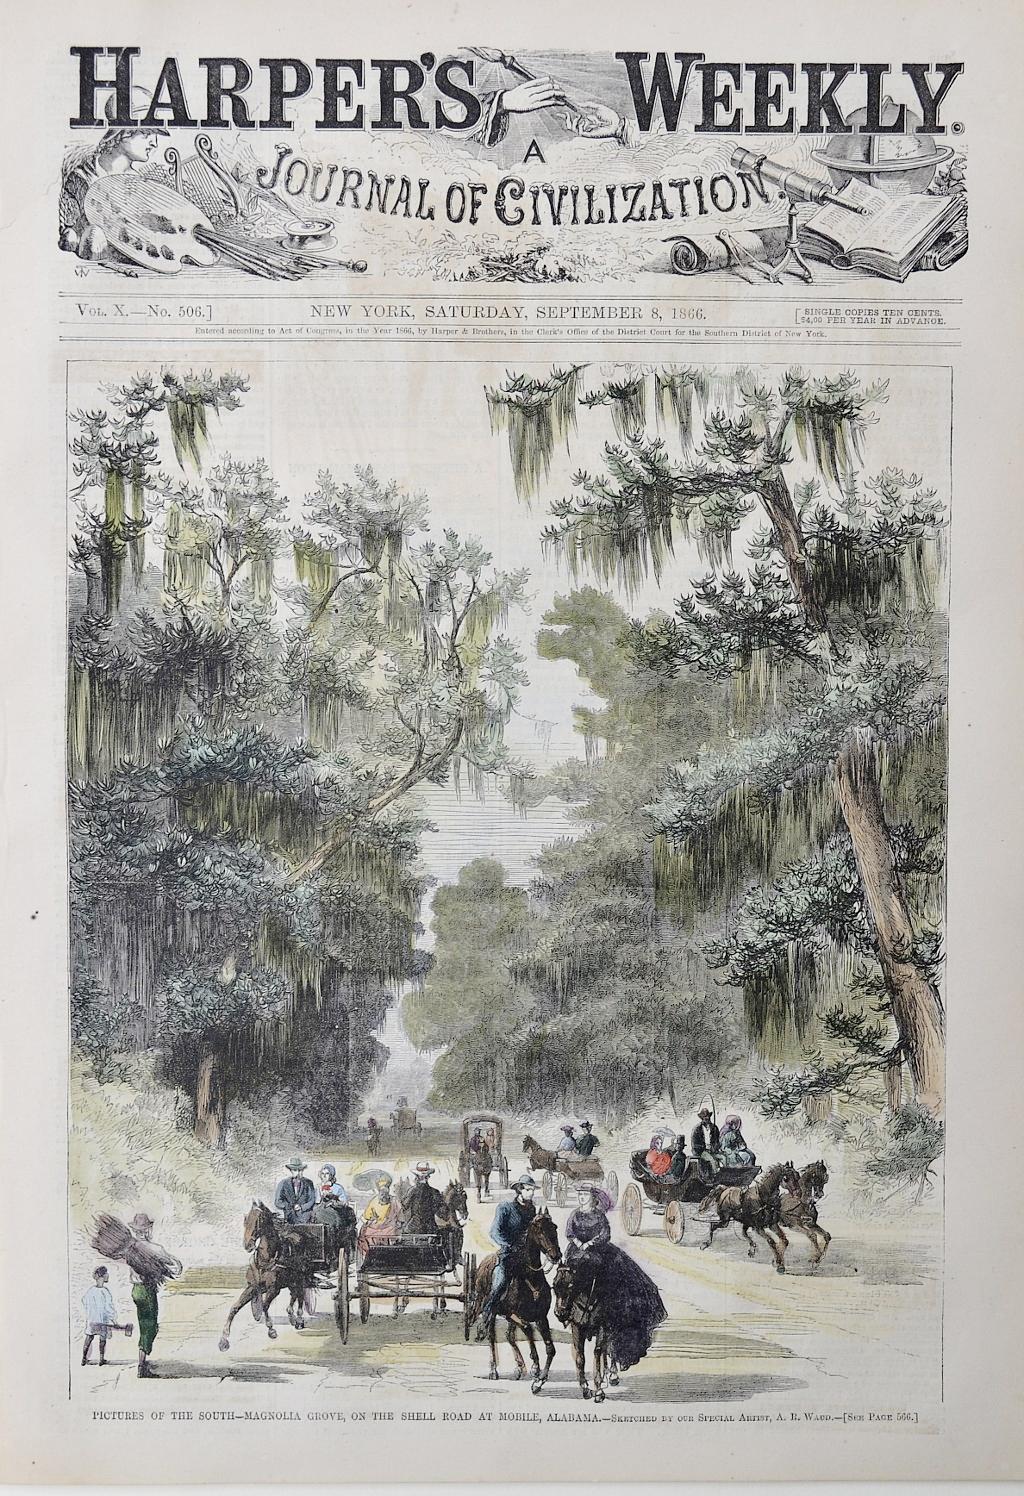 Harper's Weekly, Saturday September 8, 1866